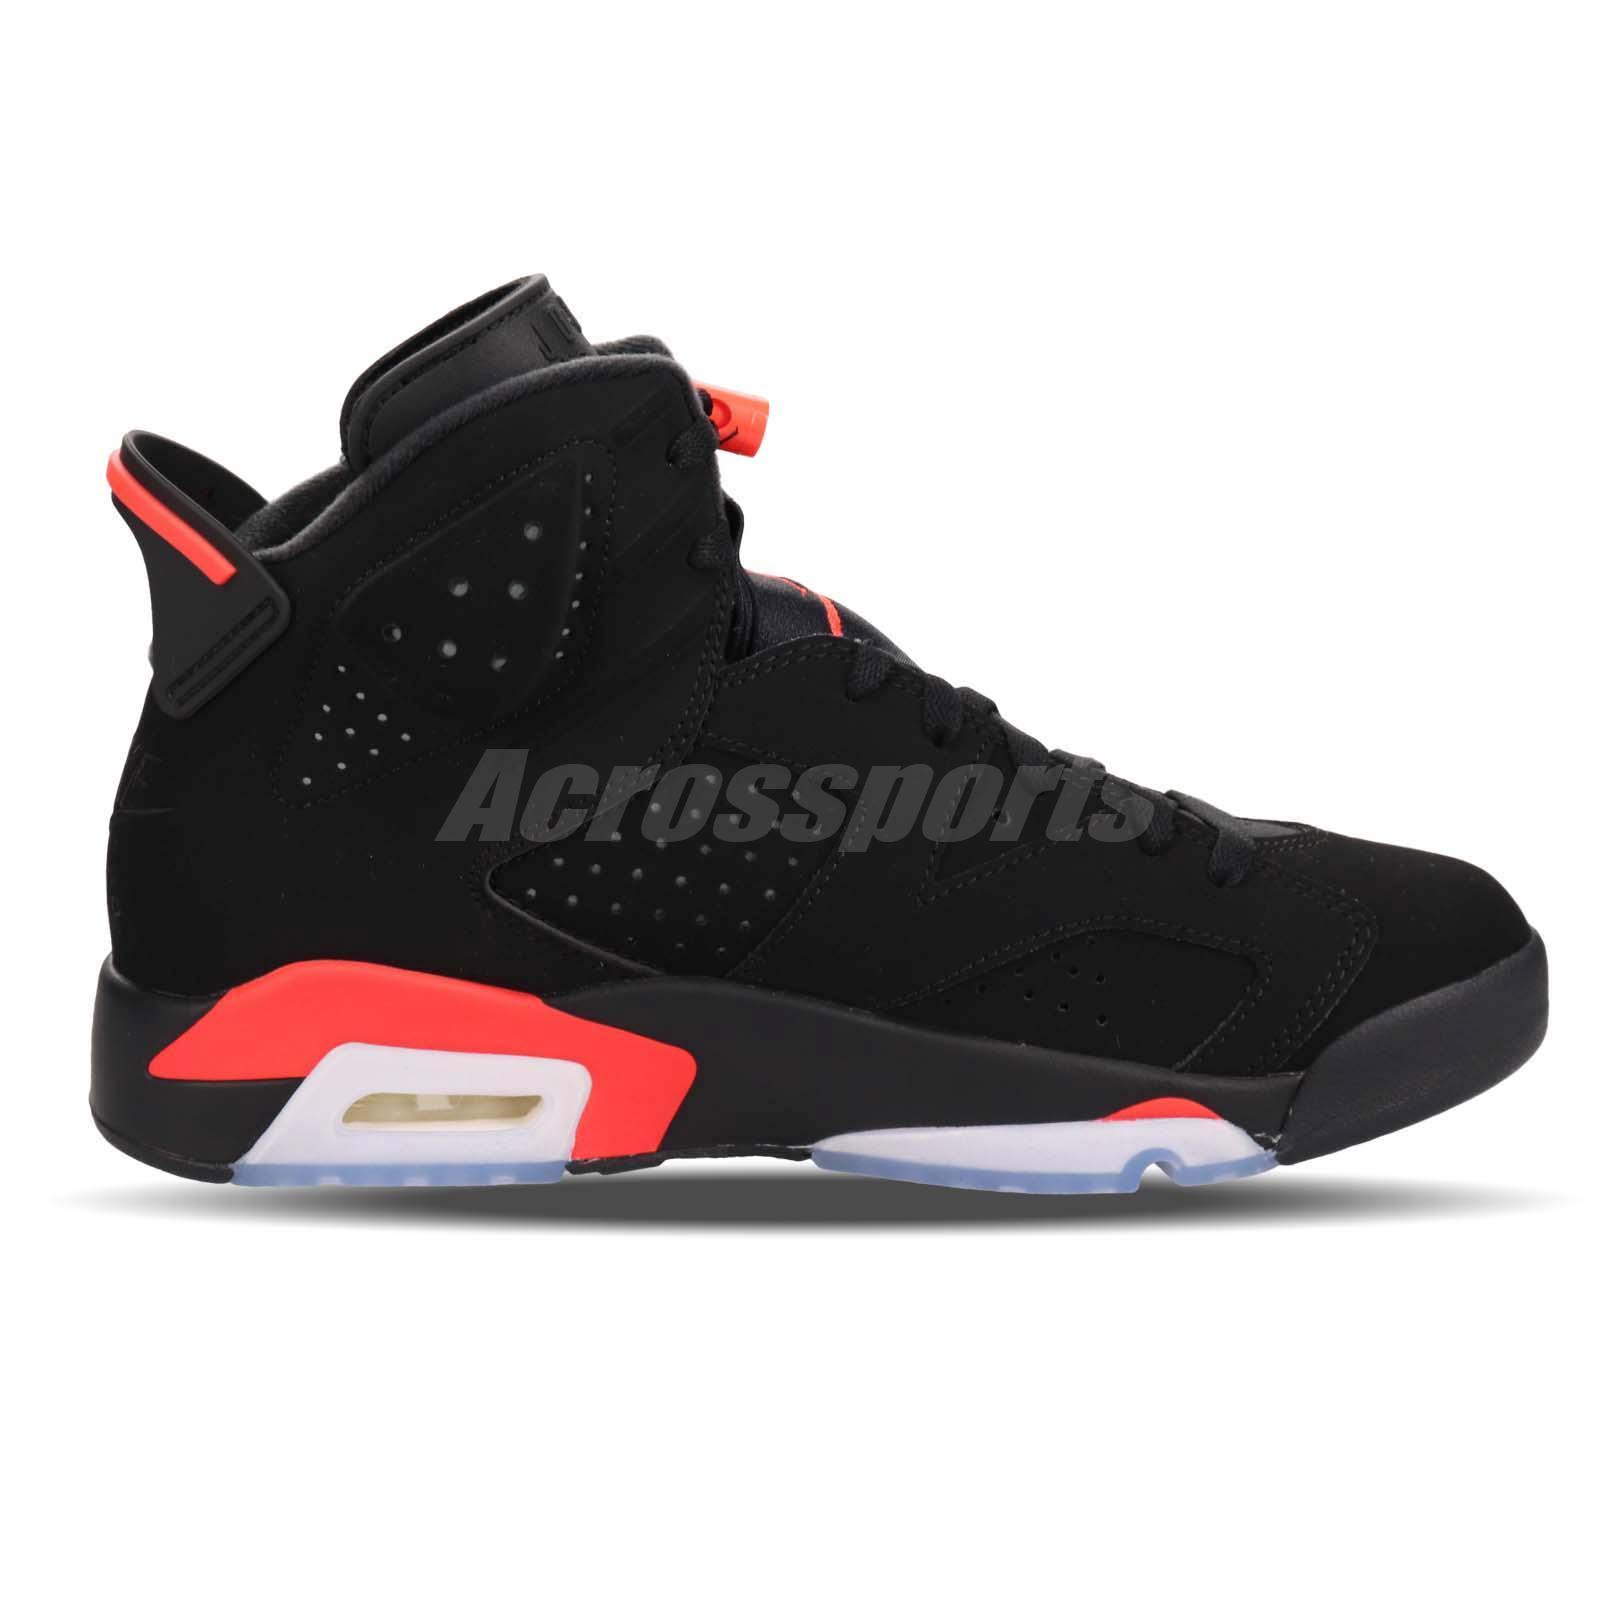 4424be3815ea Nike Air Jordan 6 Retro Infrared Black OG 2019 Release VI 6s 384664 ...